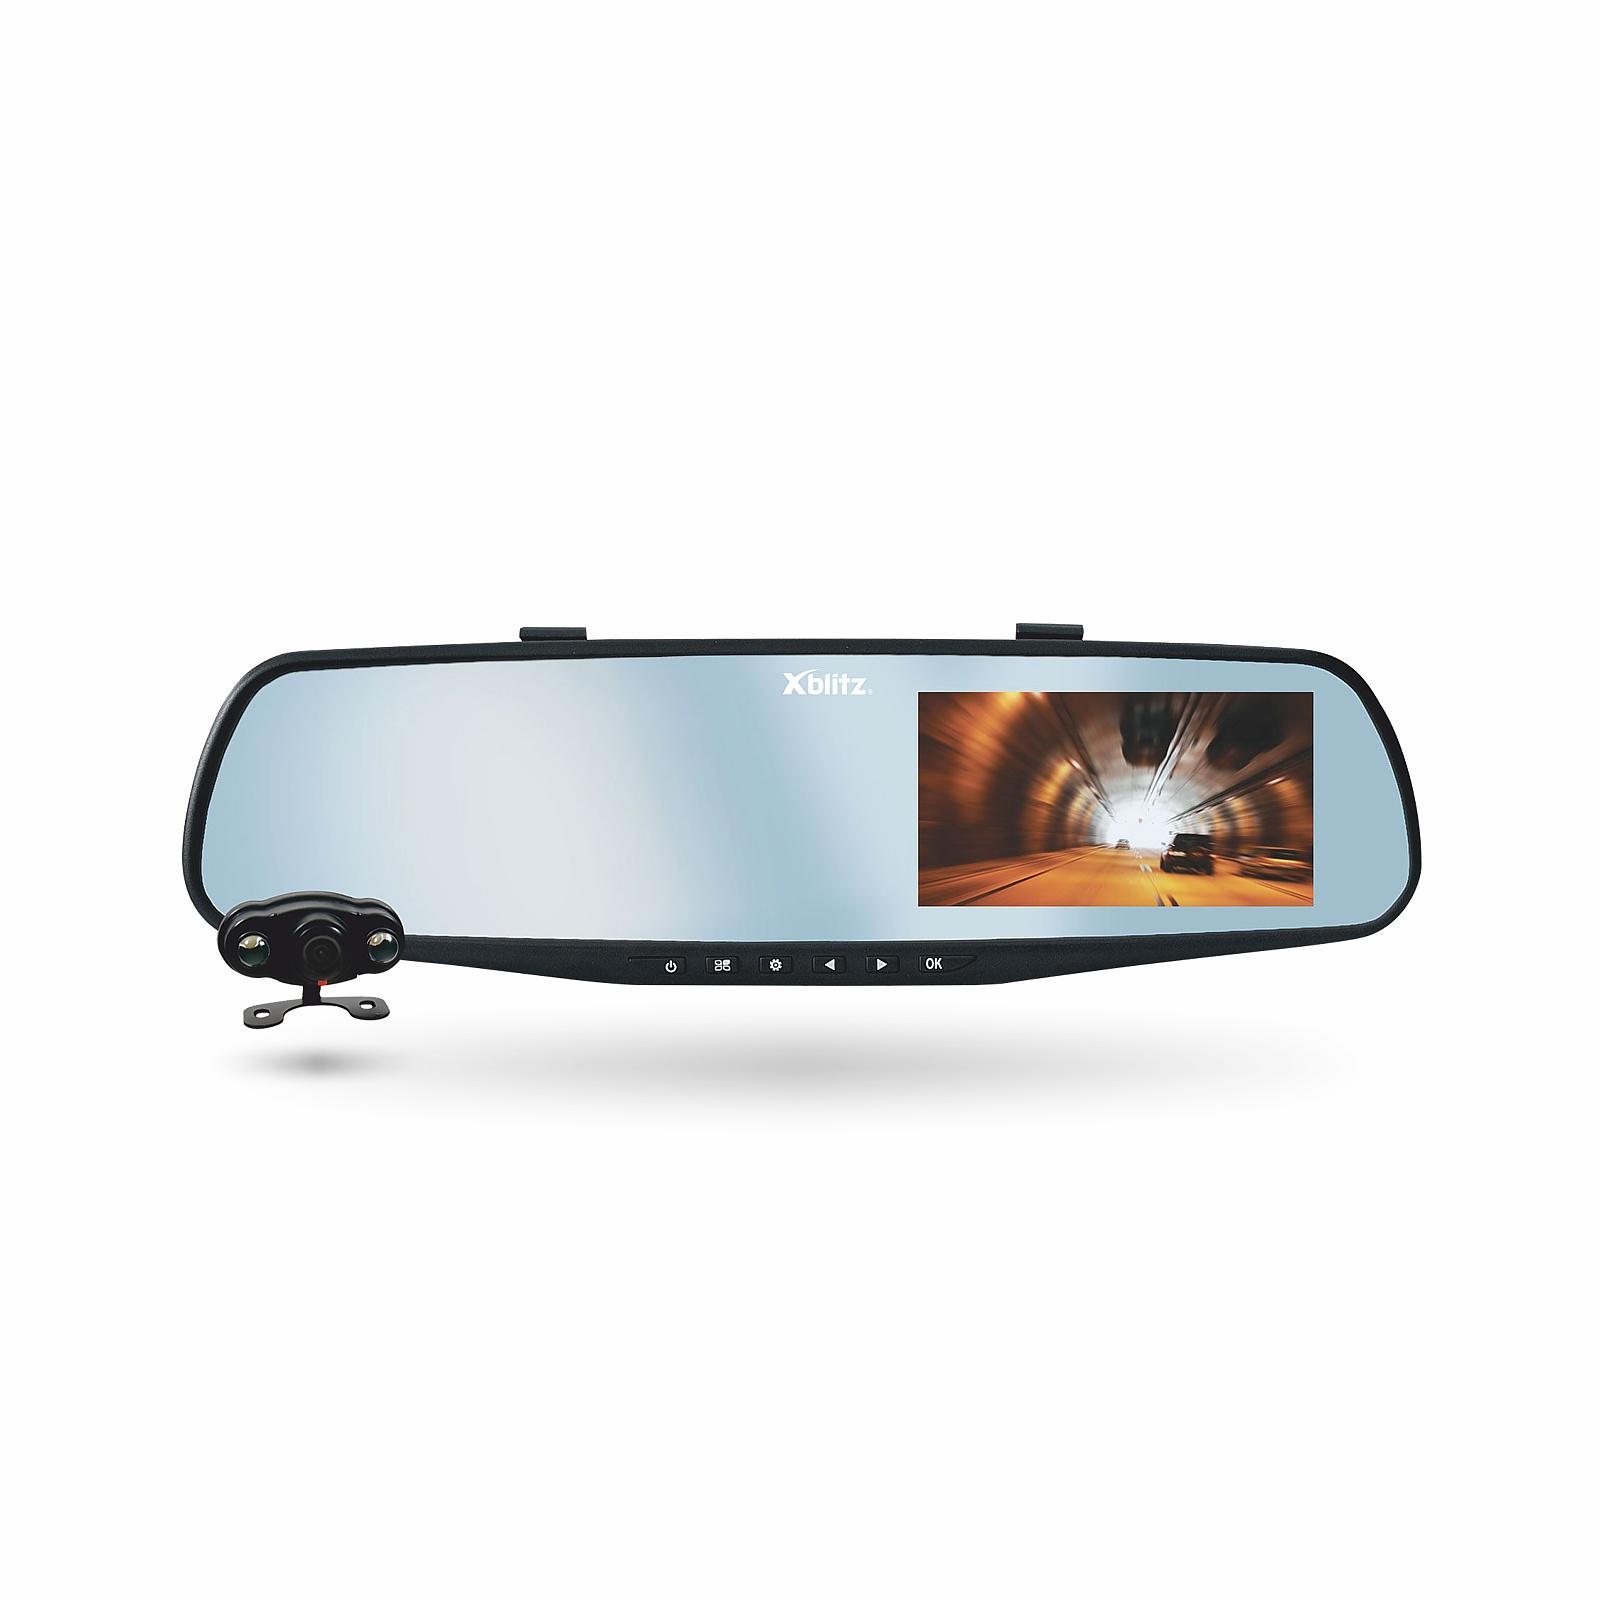 Caméra de bord PARK VIEW XBLITZ PARK VIEW originales de qualité